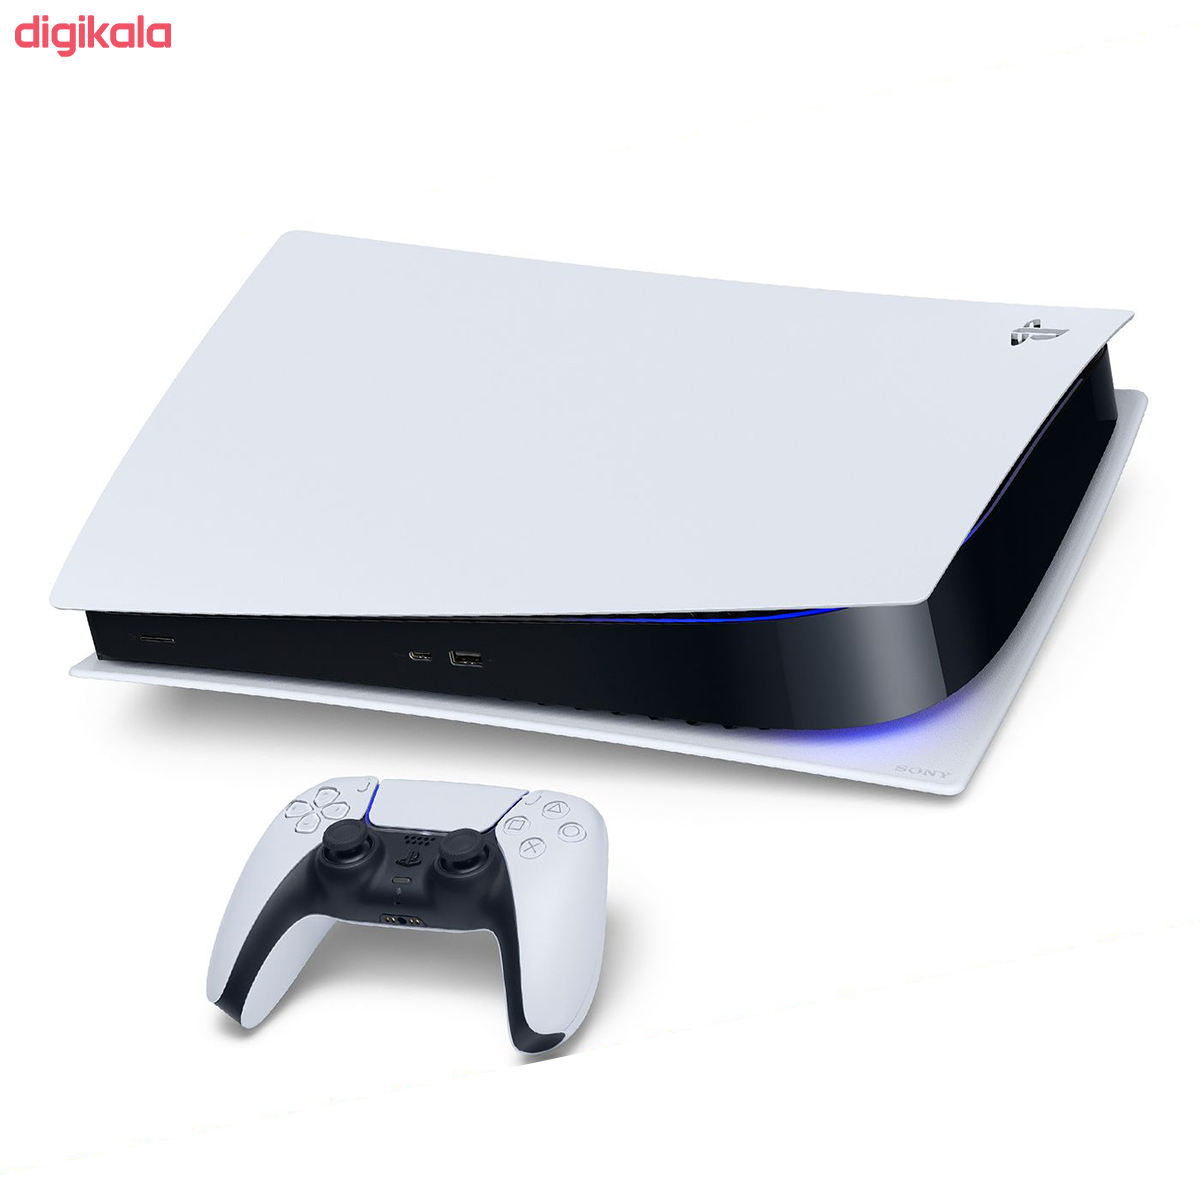 مجموعه کنسول بازی سونی مدل PlayStatio 5 Digital Edition ظرفیت 825 گیگابایت به همراه دسته اضافی main 1 2